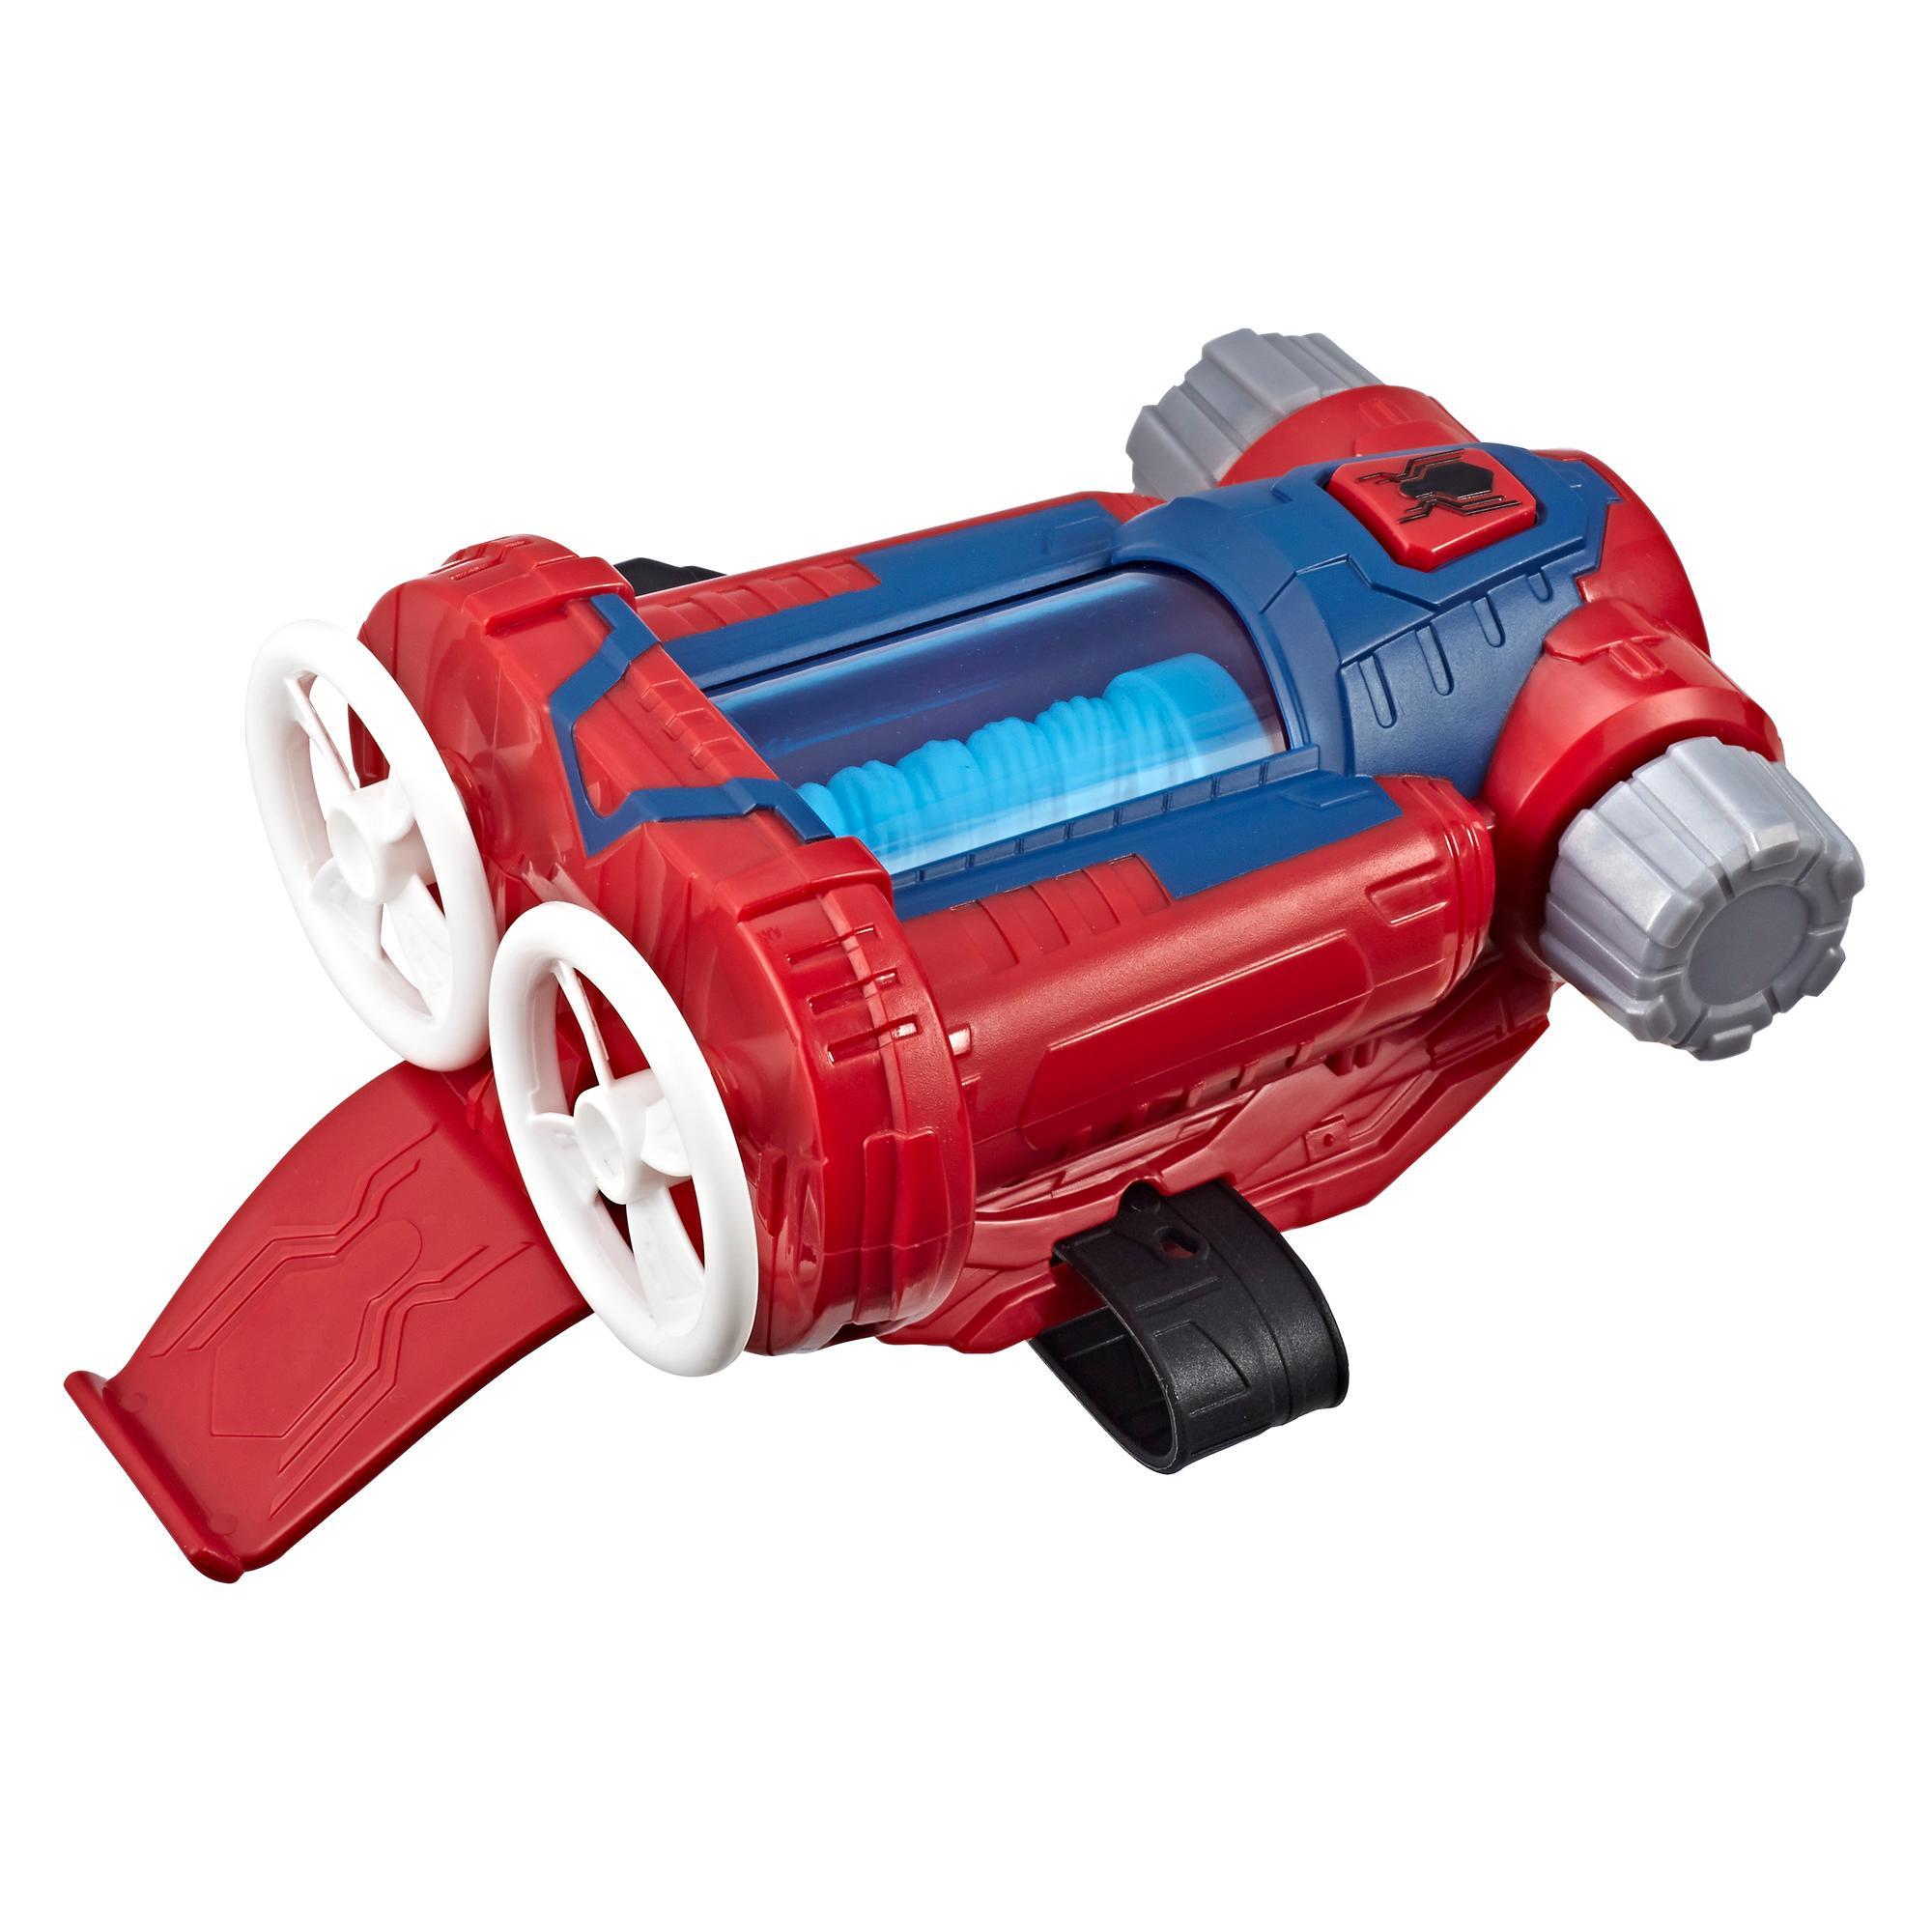 Игровой набор Снаряжение для стрельбы паутиной Твист Страйк SPIDER-MAN E4128